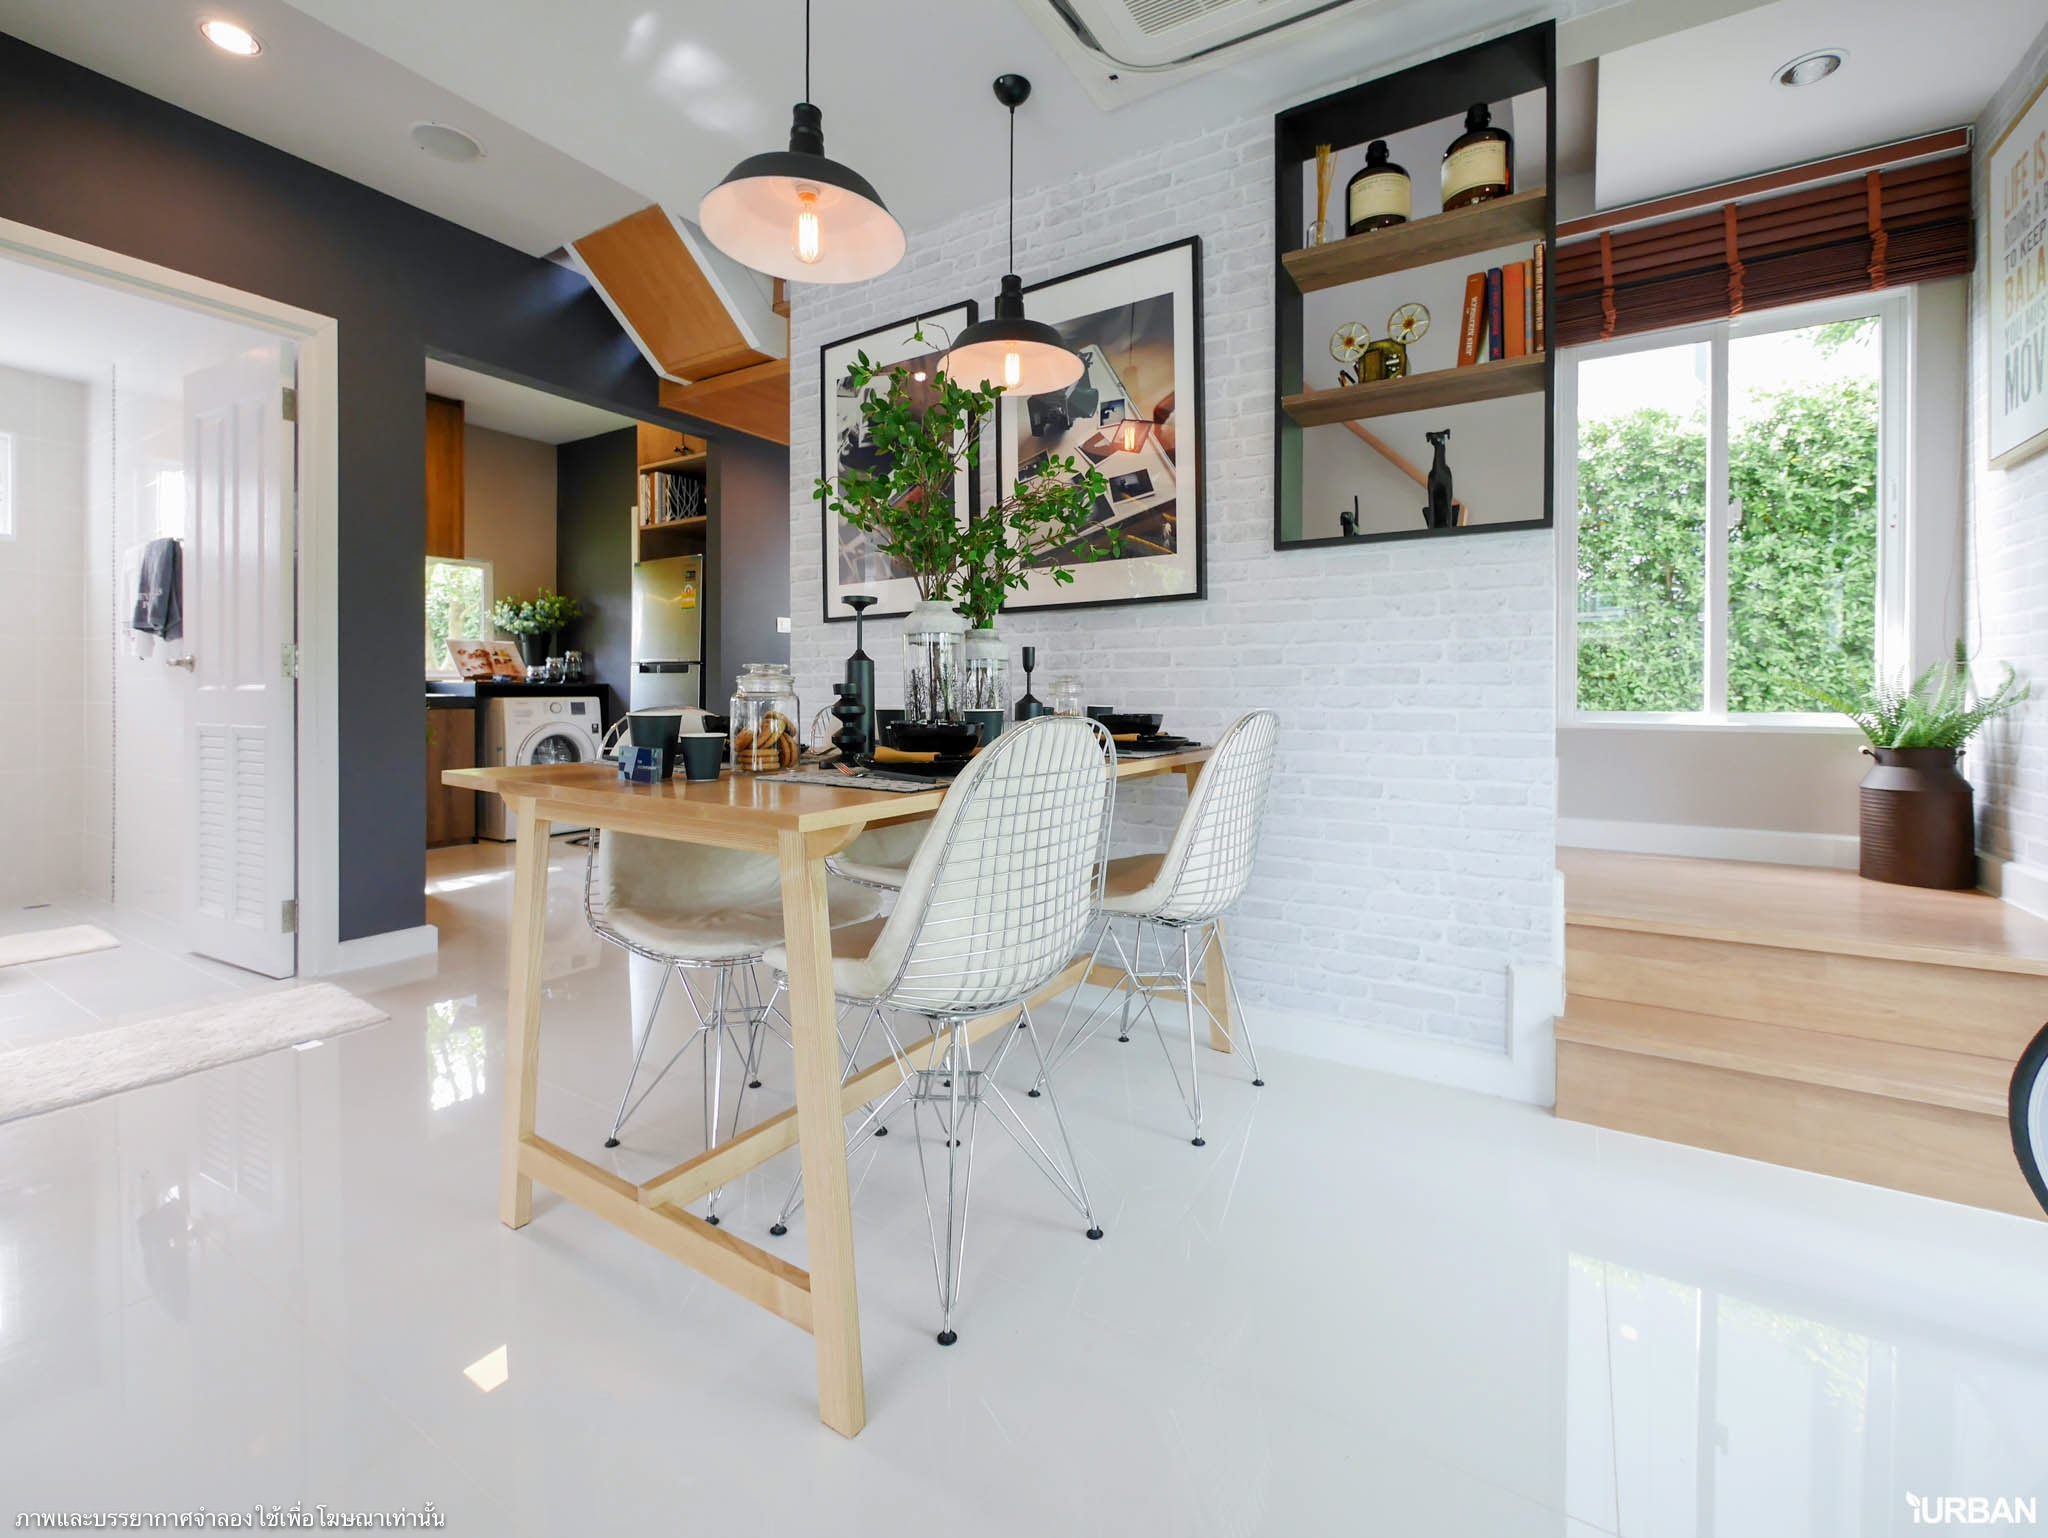 The Plant เทพารักษ์-บางนา ชมบ้านตัวอย่างและรีวิวโครงการ บ้านเดี่ยวดีไซน์สวย ทำเลดีใกล้ห้างและตลาด เริ่ม 3.8 ล้าน 24 - Megabangna (เมกาบางนา)